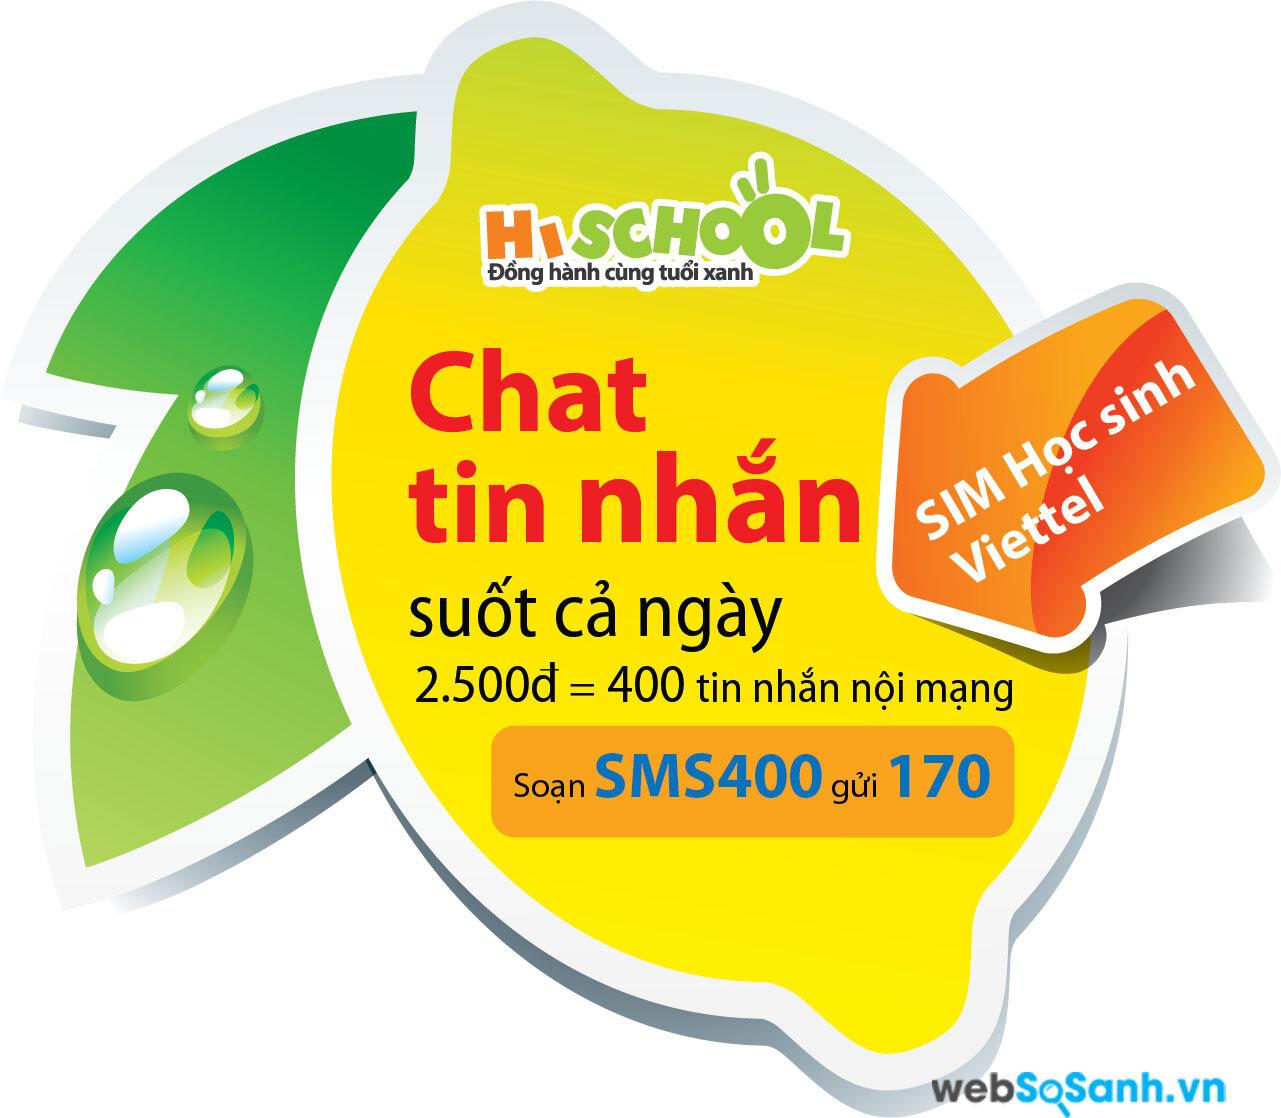 Gói khuyến mãi SMS400 được nhiều thuê bao Highschool sử dụng